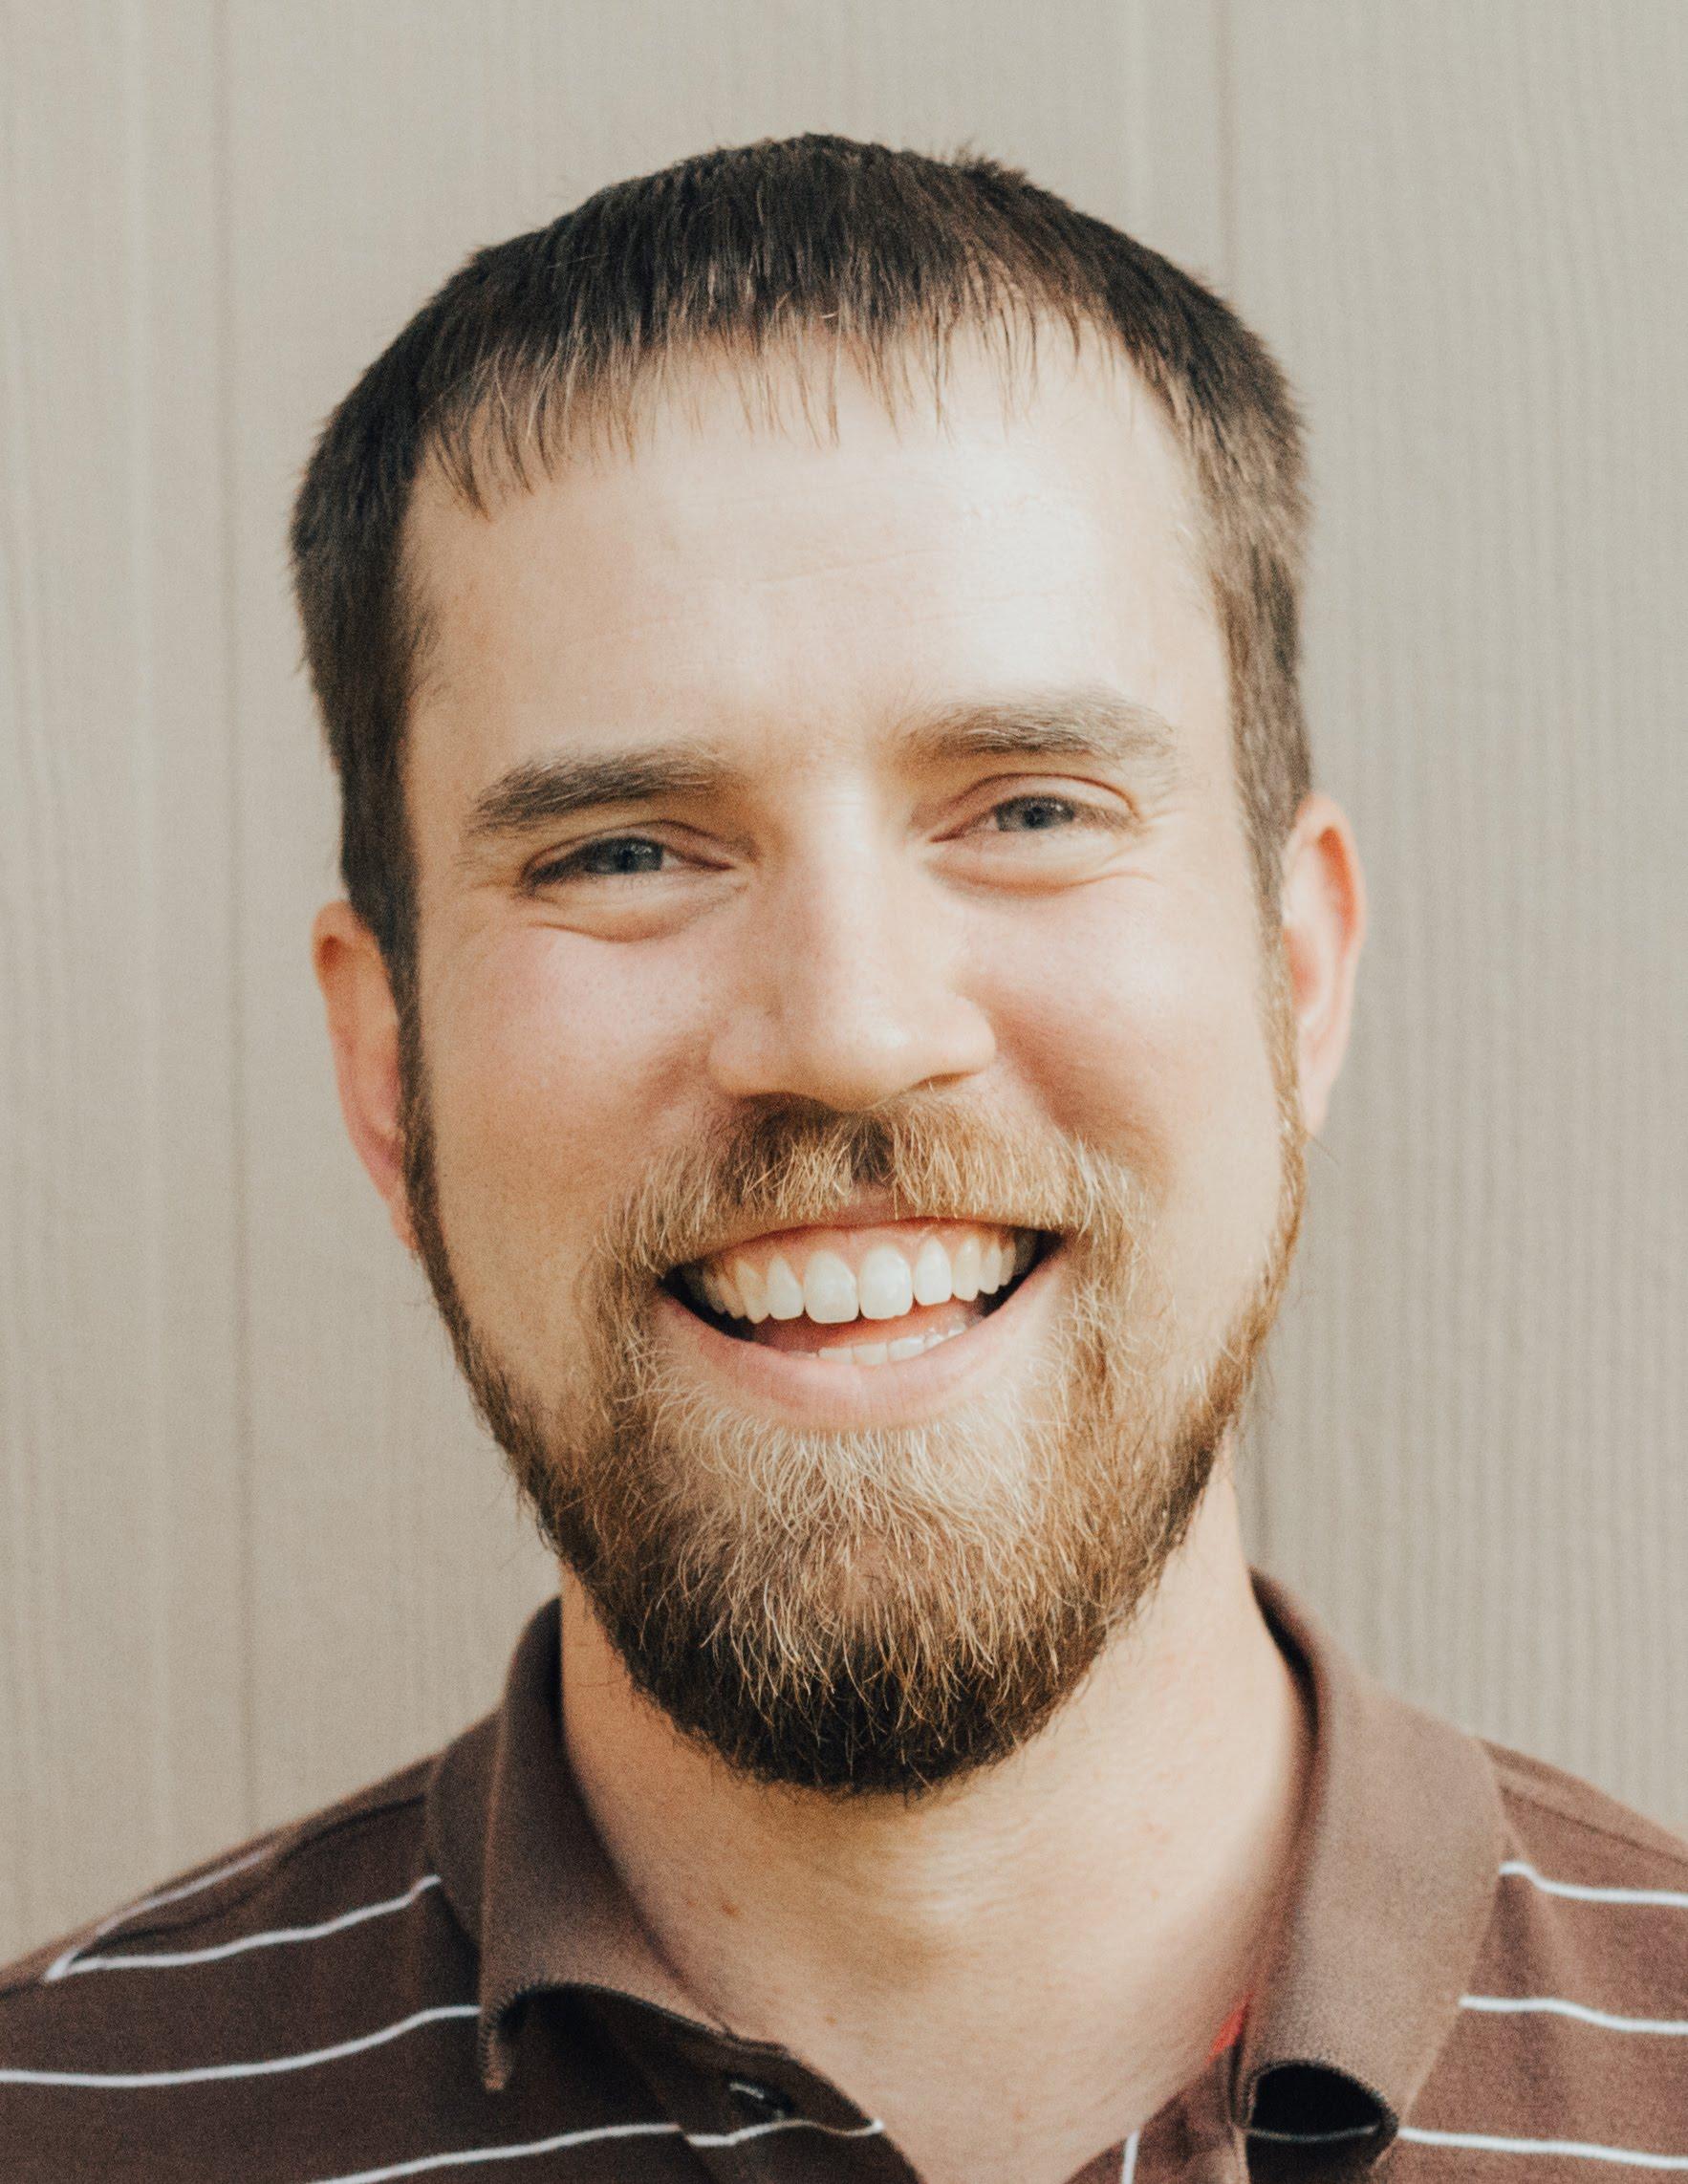 Ryan Feldkamp